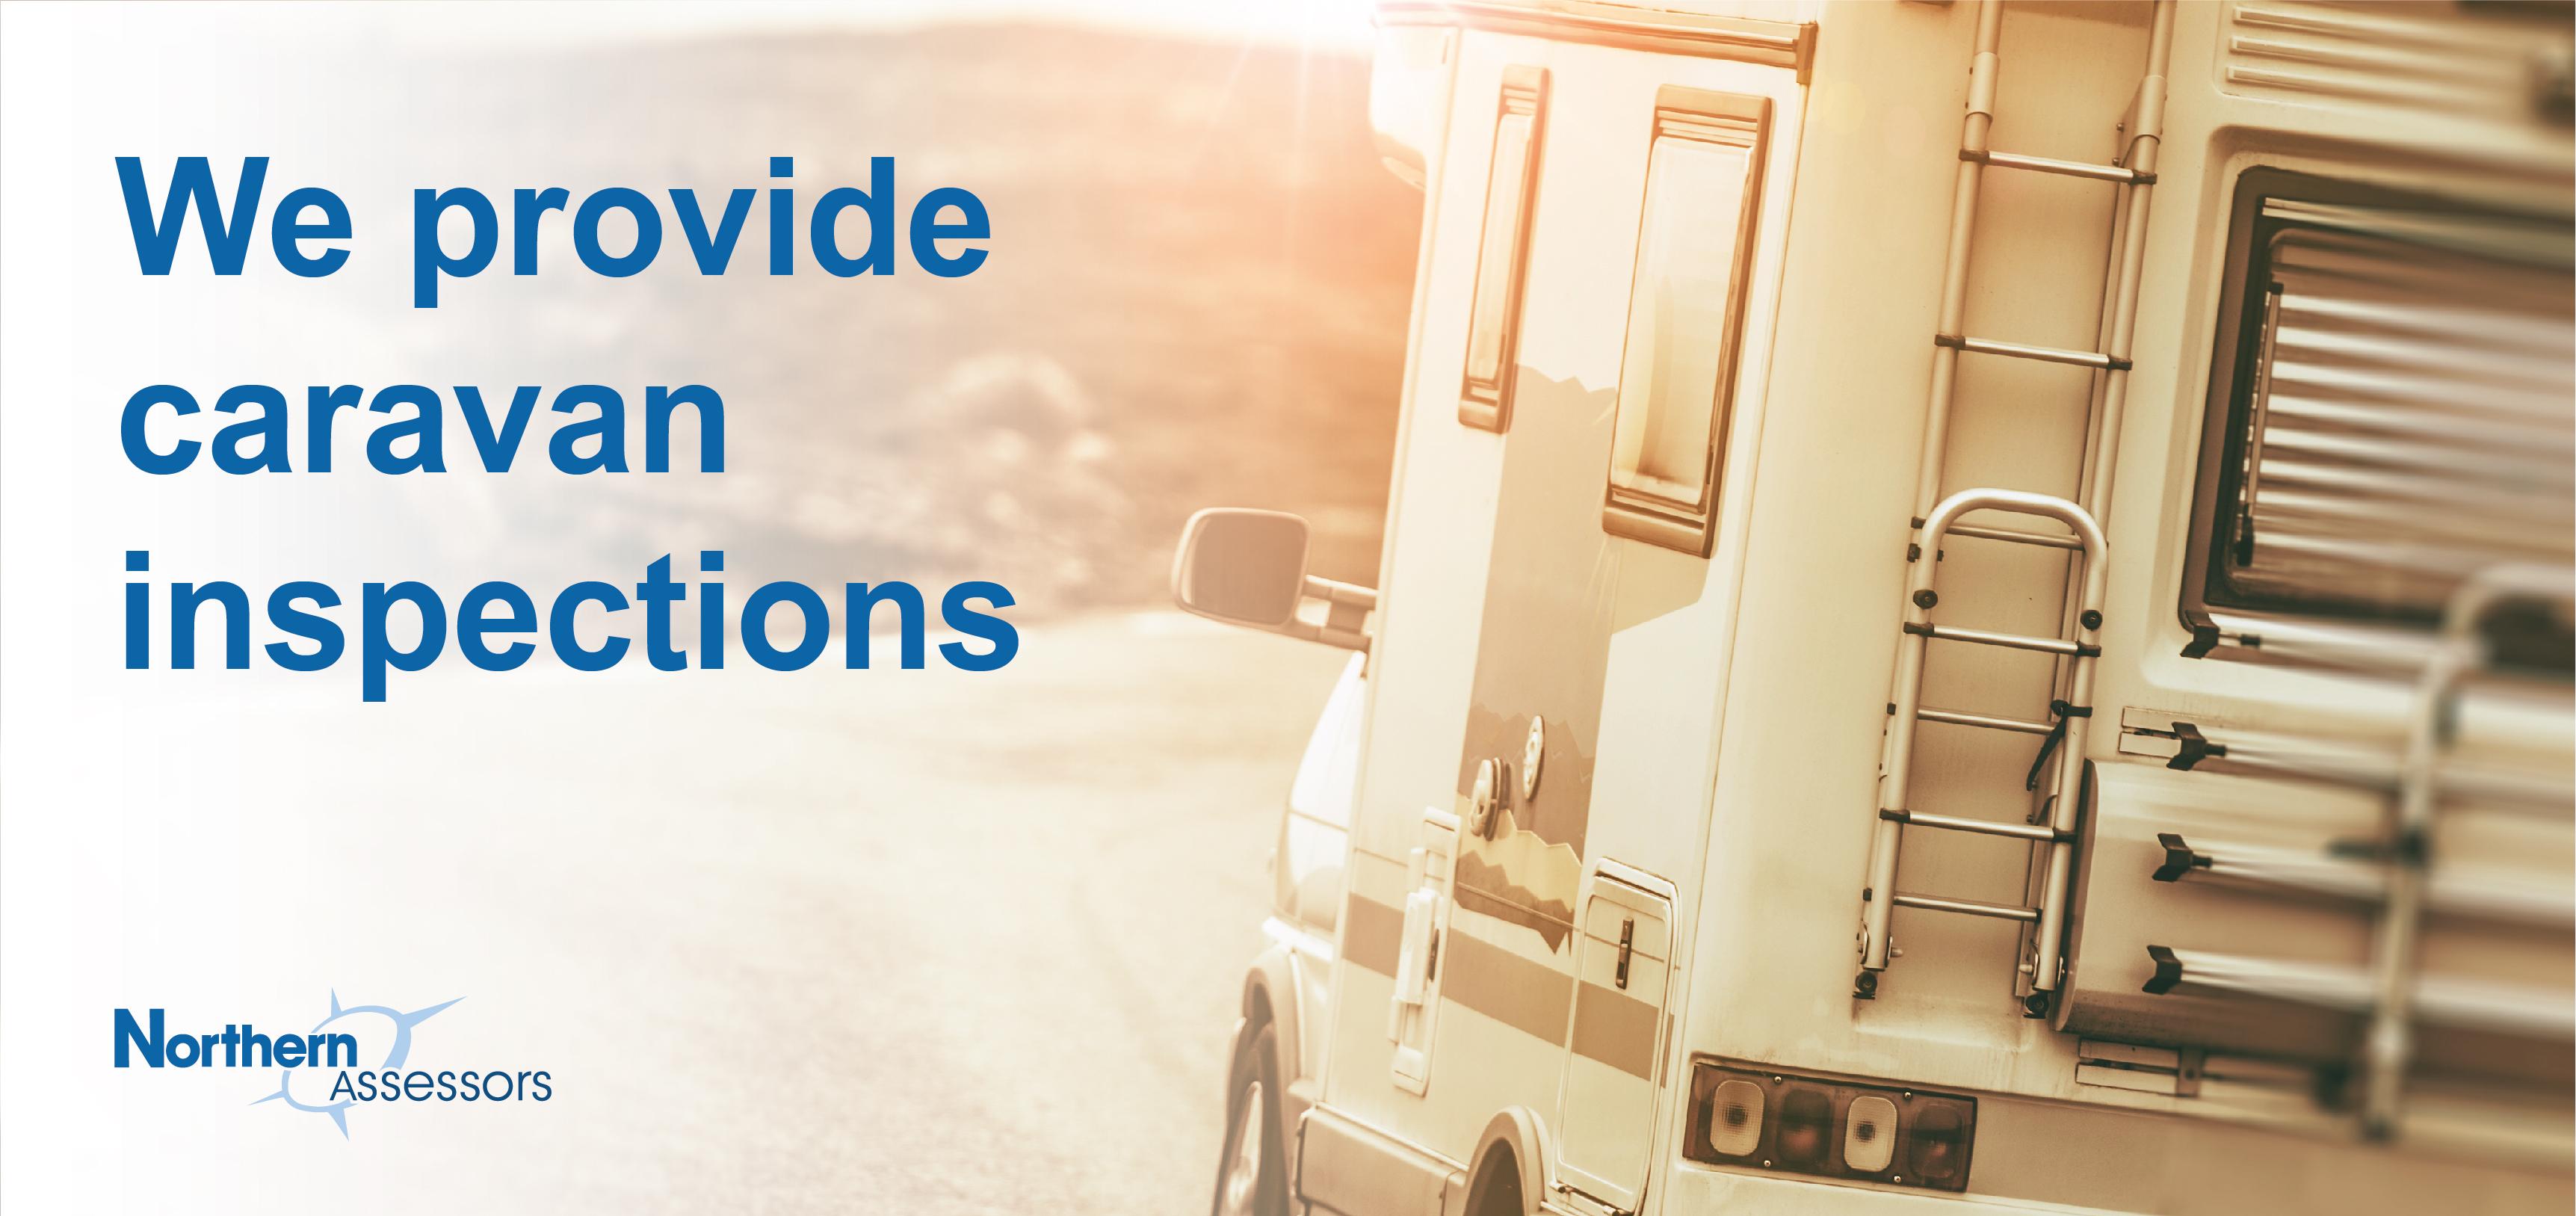 We provide caravan inspections